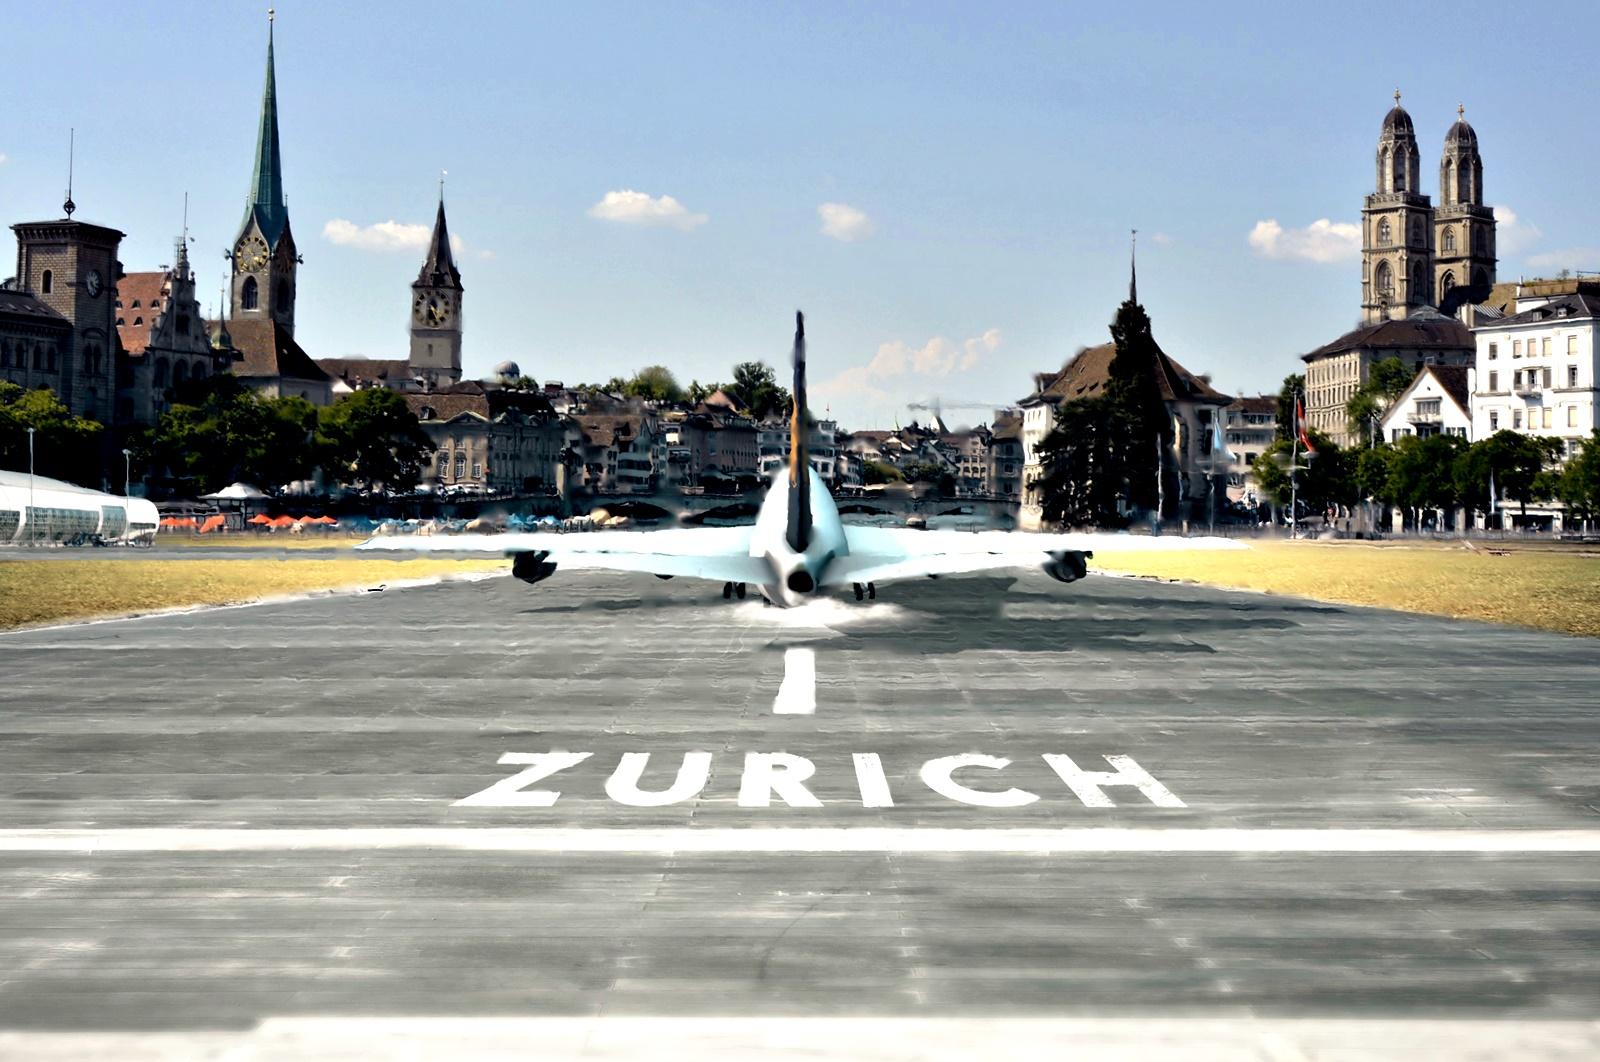 Летище Цюрих-Клотен<br /> Швейцария е известна по целия свят със своята красива природа и неповторими пейзажи. Най-голямото летище в страната – Цюрих-Клотен, обслужващо Цюрих и общините около него, не прави изключение. На неговата територия се намира 74-хетара запазена естествена природа с нейния животински свят.